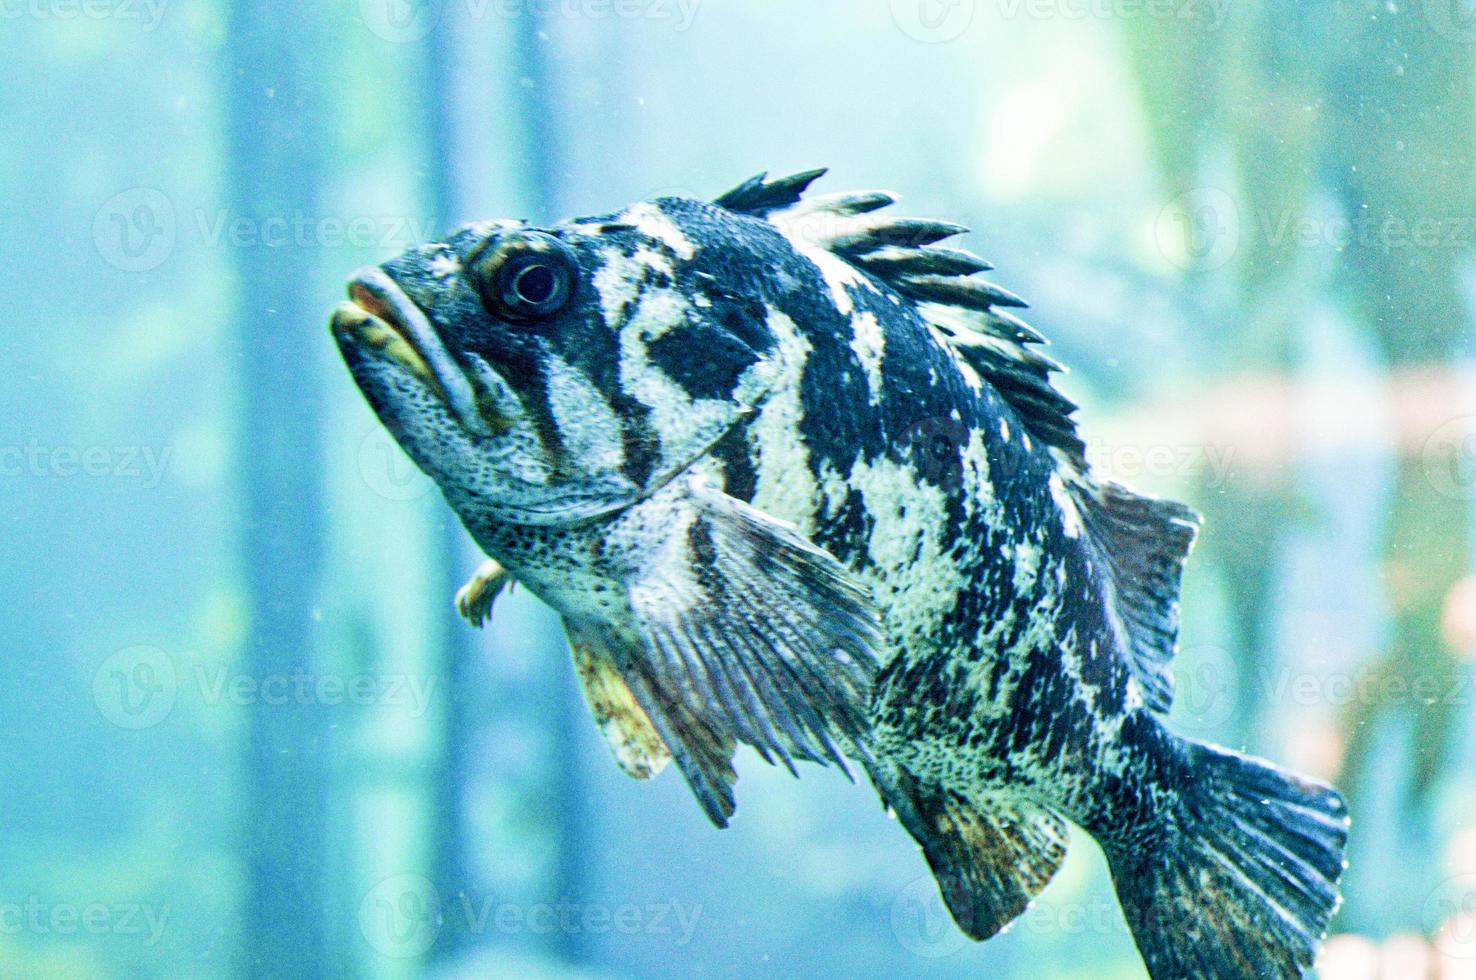 peixe de perto foto